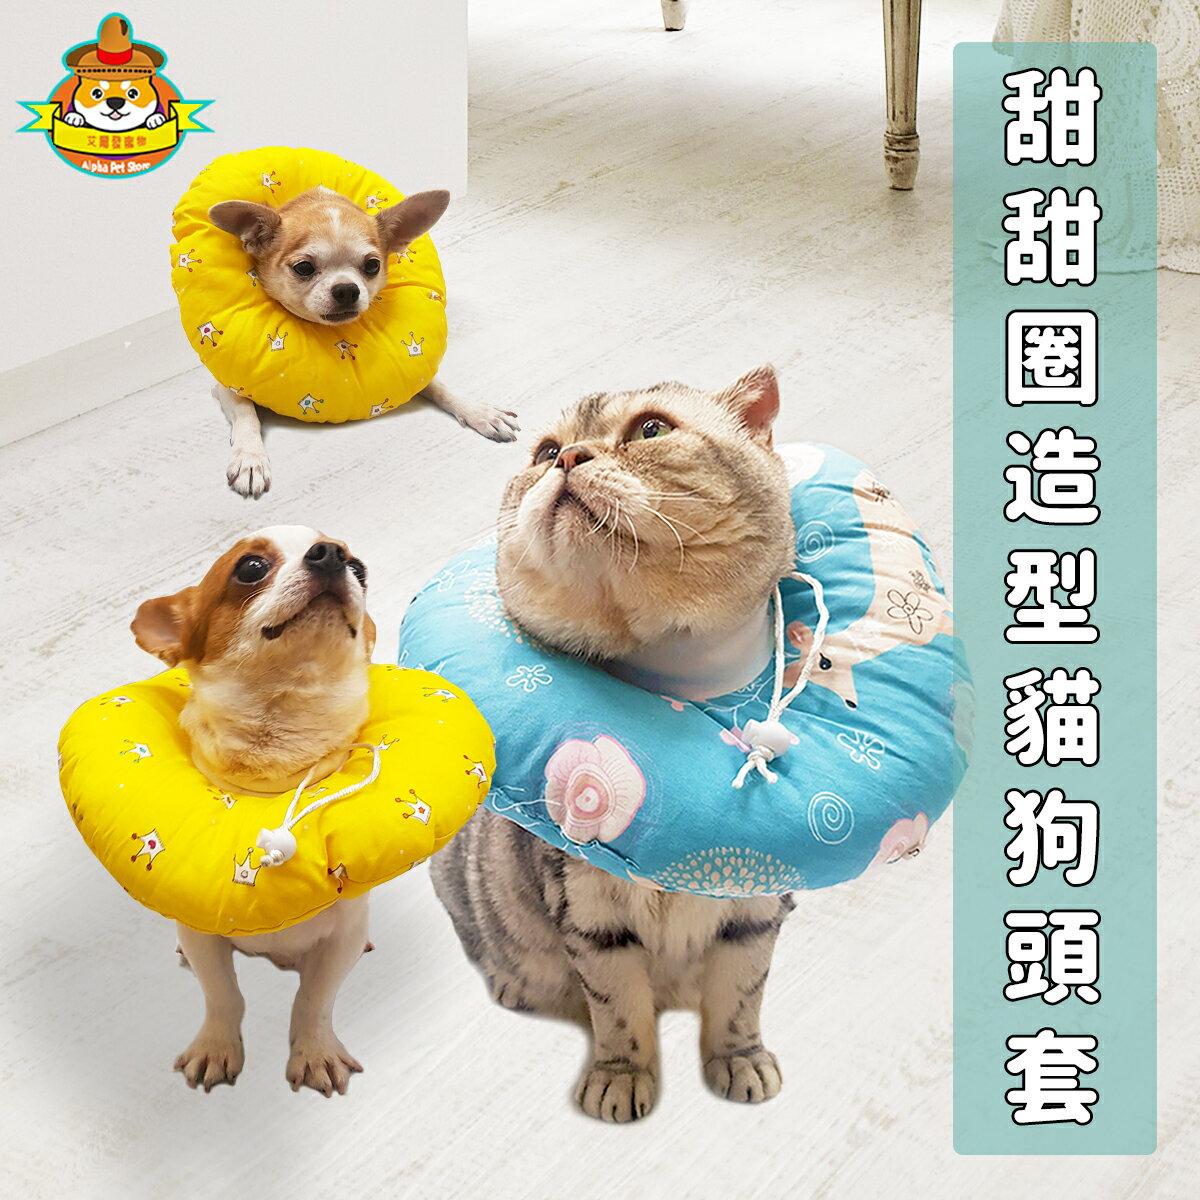 寵物頭套 狗頭套 貓頭套 伊莉莎白圈 寵物頭套 防舔頭套 防咬頭套 頭套 脖圈 手術後頭套 羞恥圈 棉布頭套